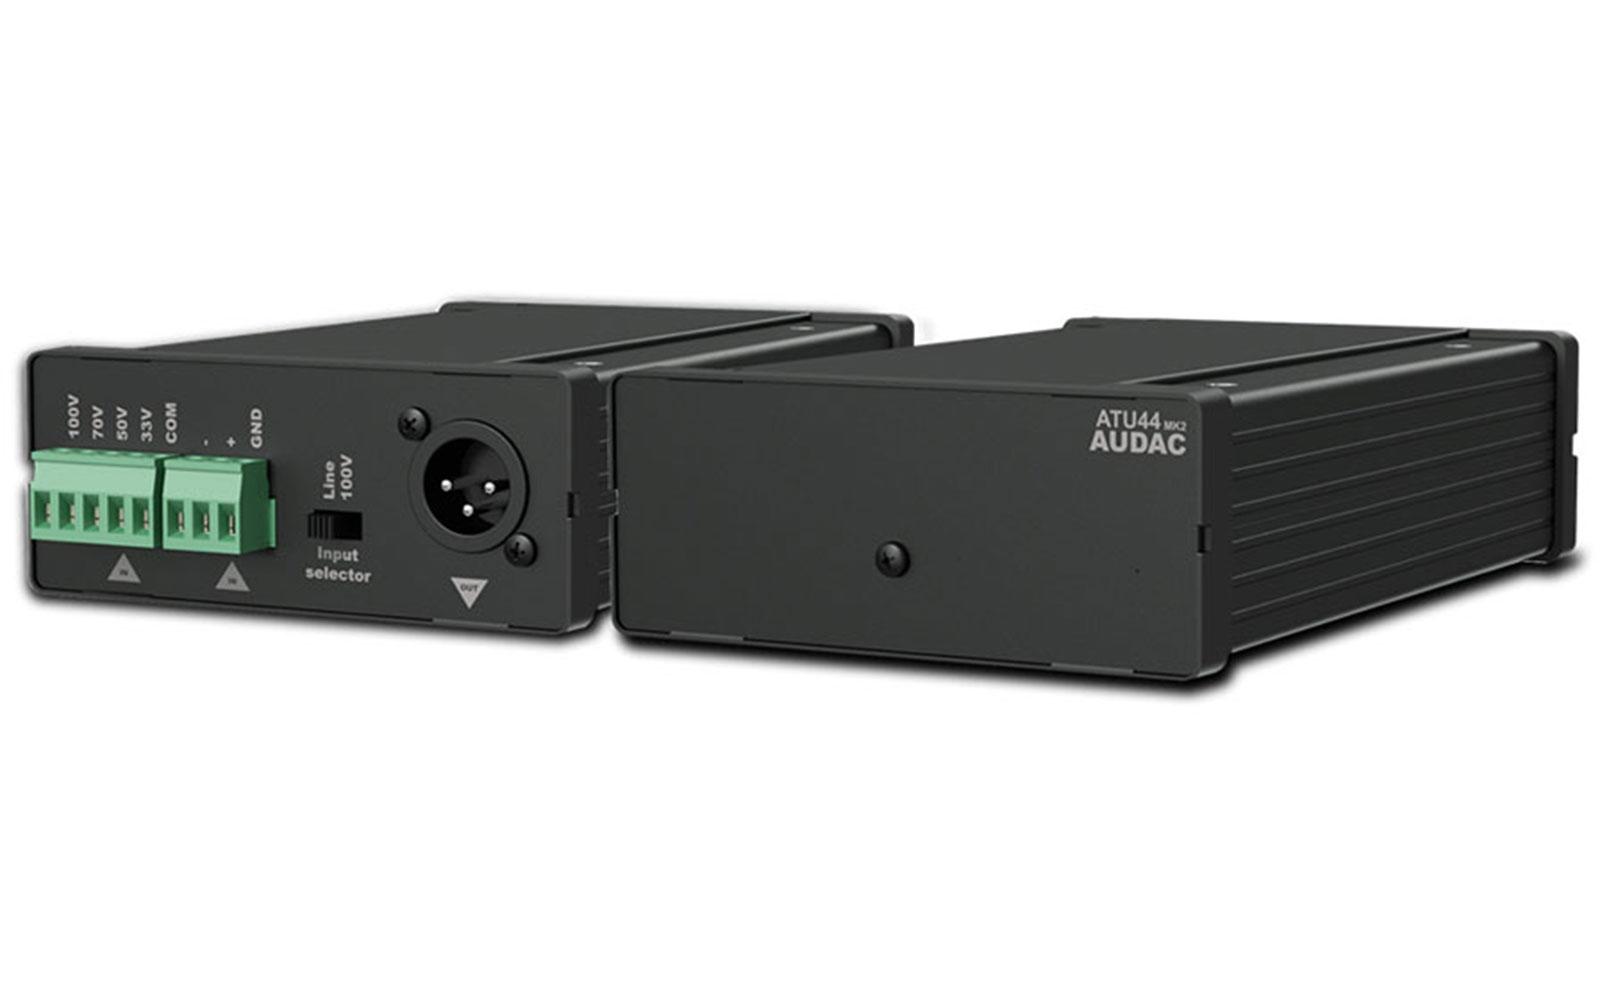 audac-atu-44-mk2-universeller-eingangsadapter